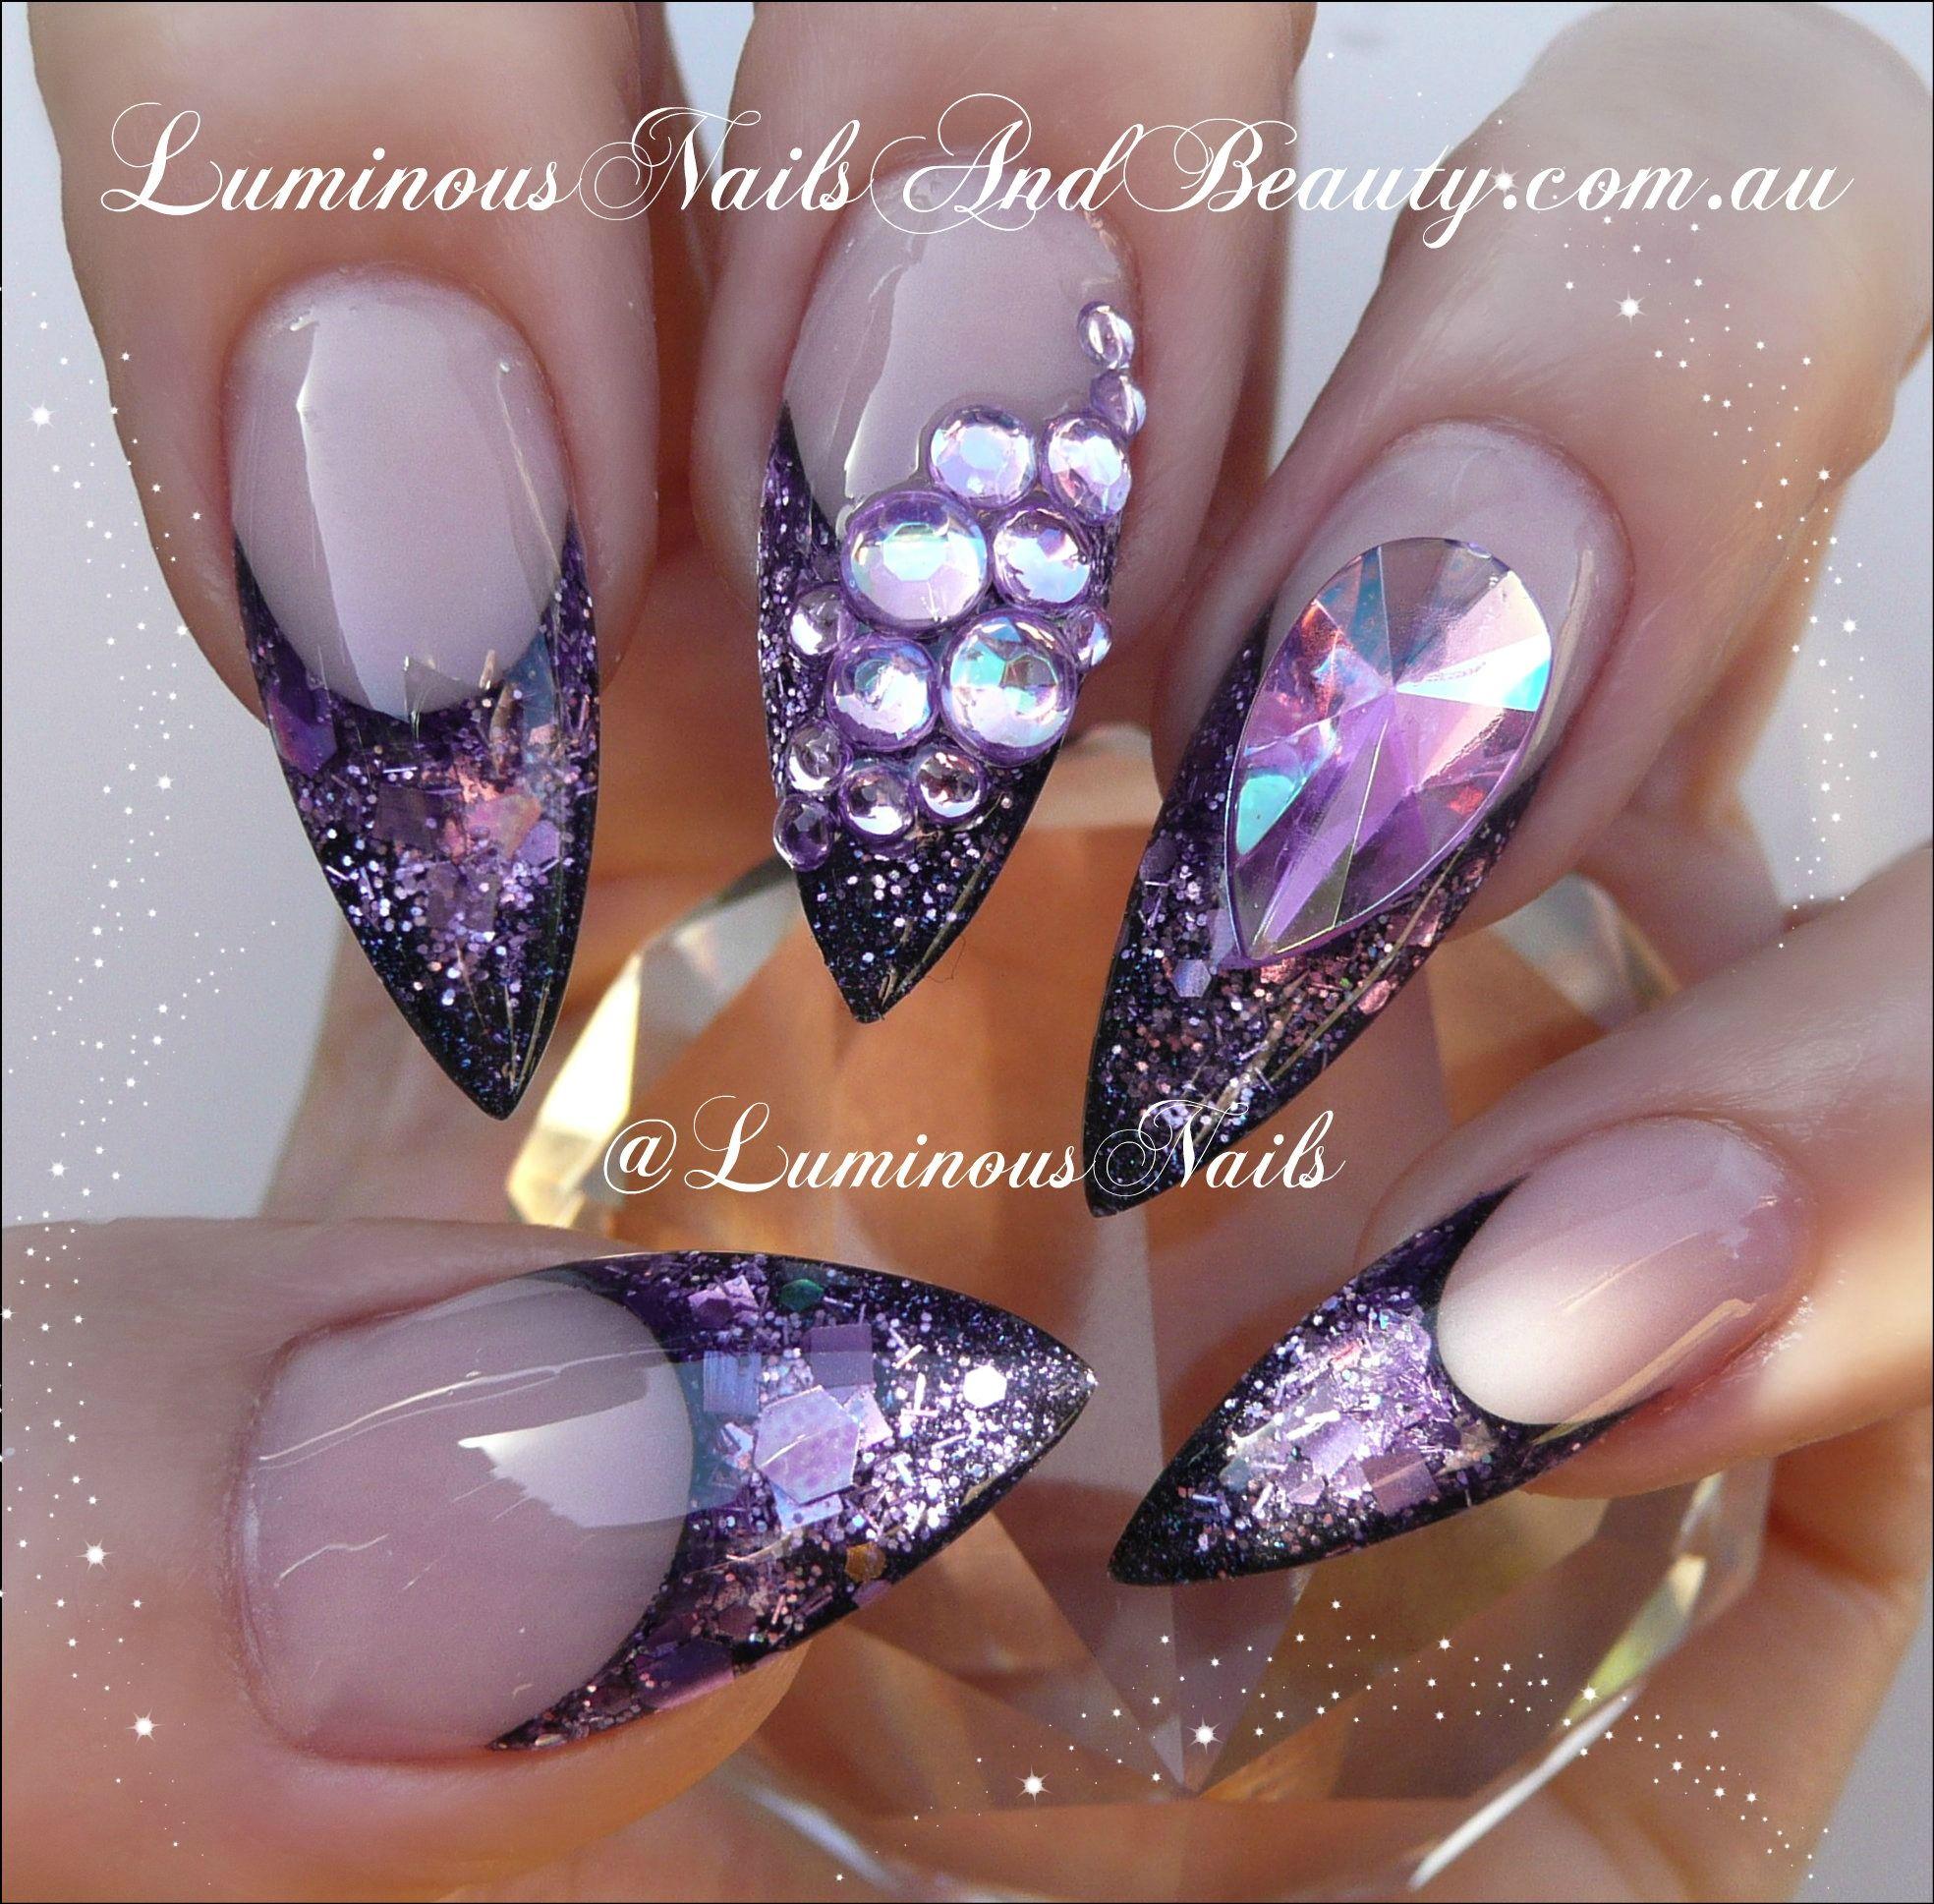 sculptured-acrylic-with-indigo-aquarius-lavender-violet-glitter ...